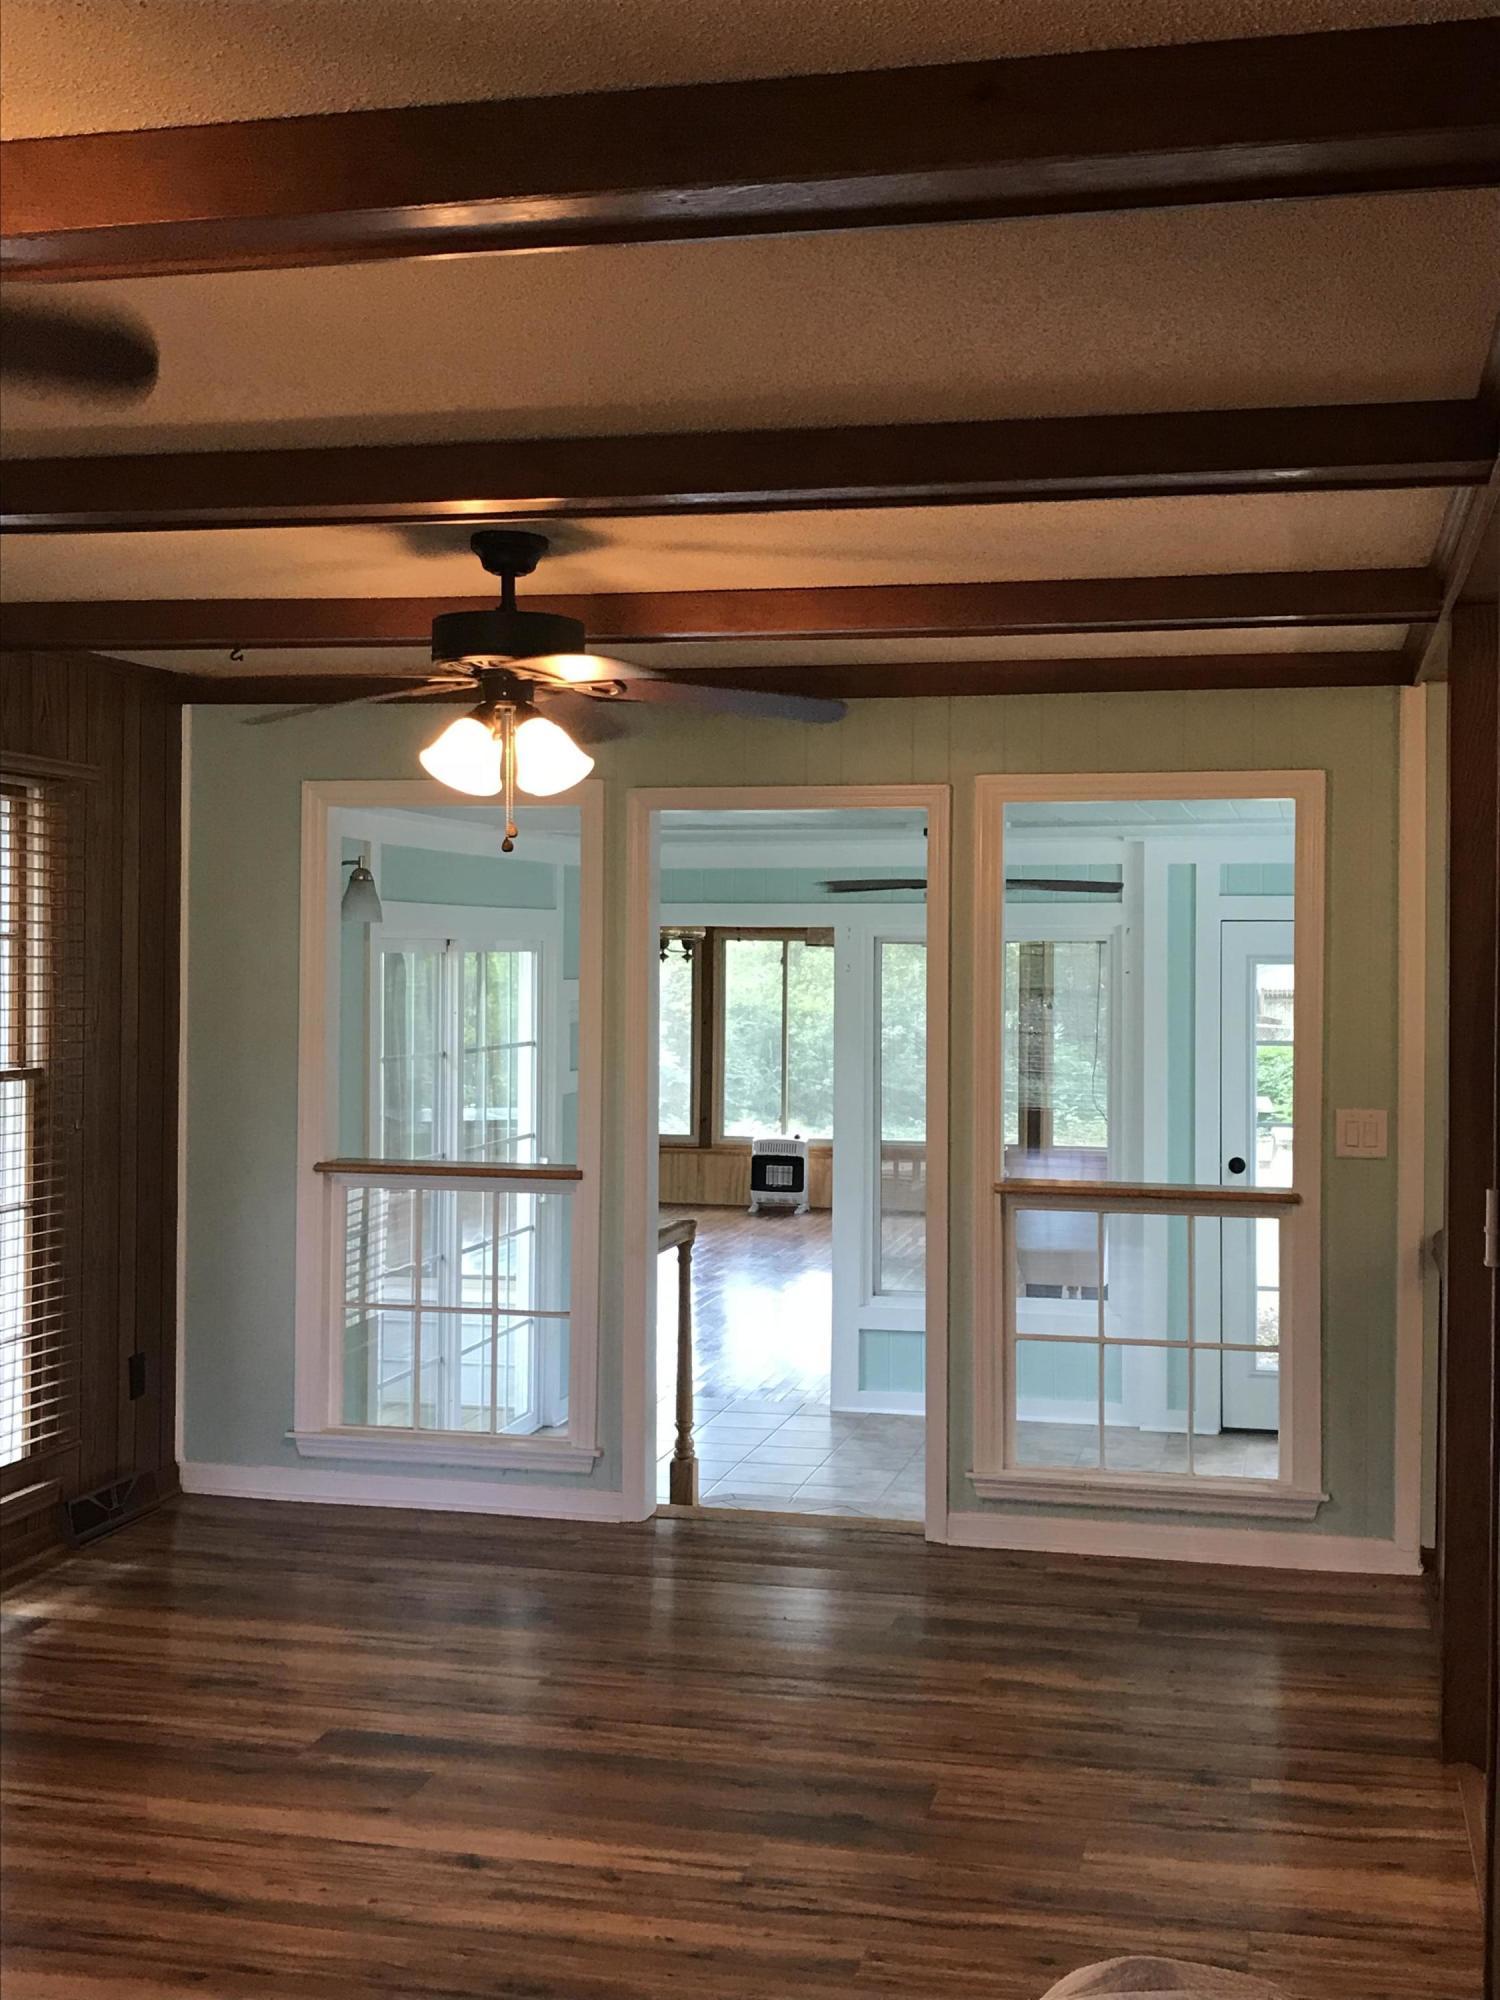 St James Estates Homes For Sale - 103 Westminster, Goose Creek, SC - 21